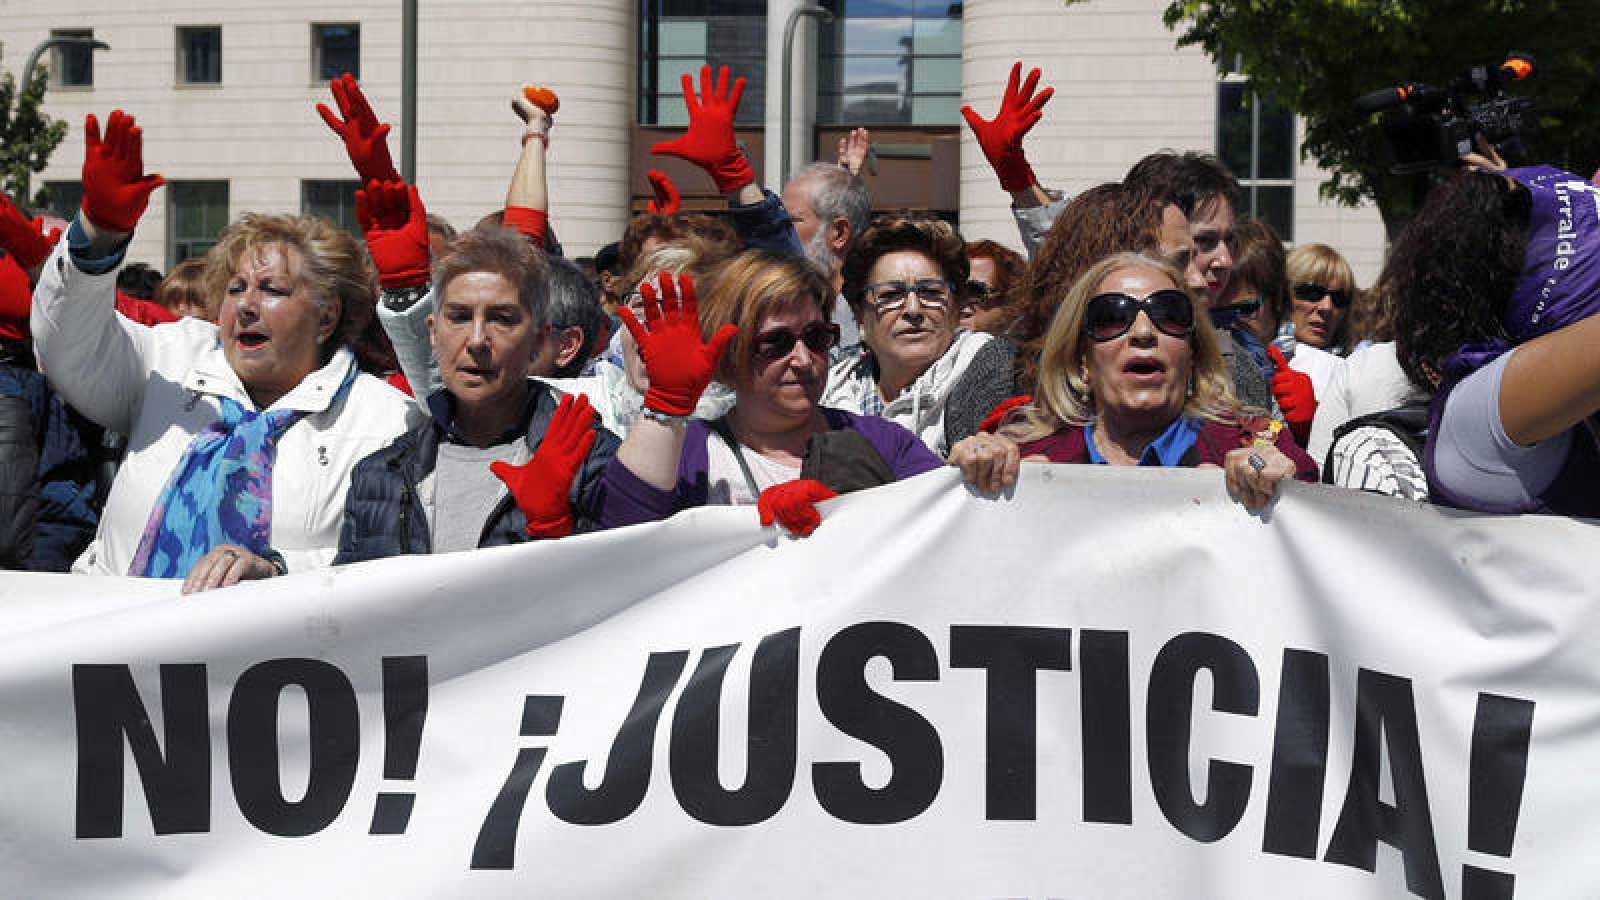 Concentración convocada por los colectivos feministas ante las puertas del Palacio de Justicia de Pamplona, para expresar su disconformidad con el fallo sobre 'La Manada'.